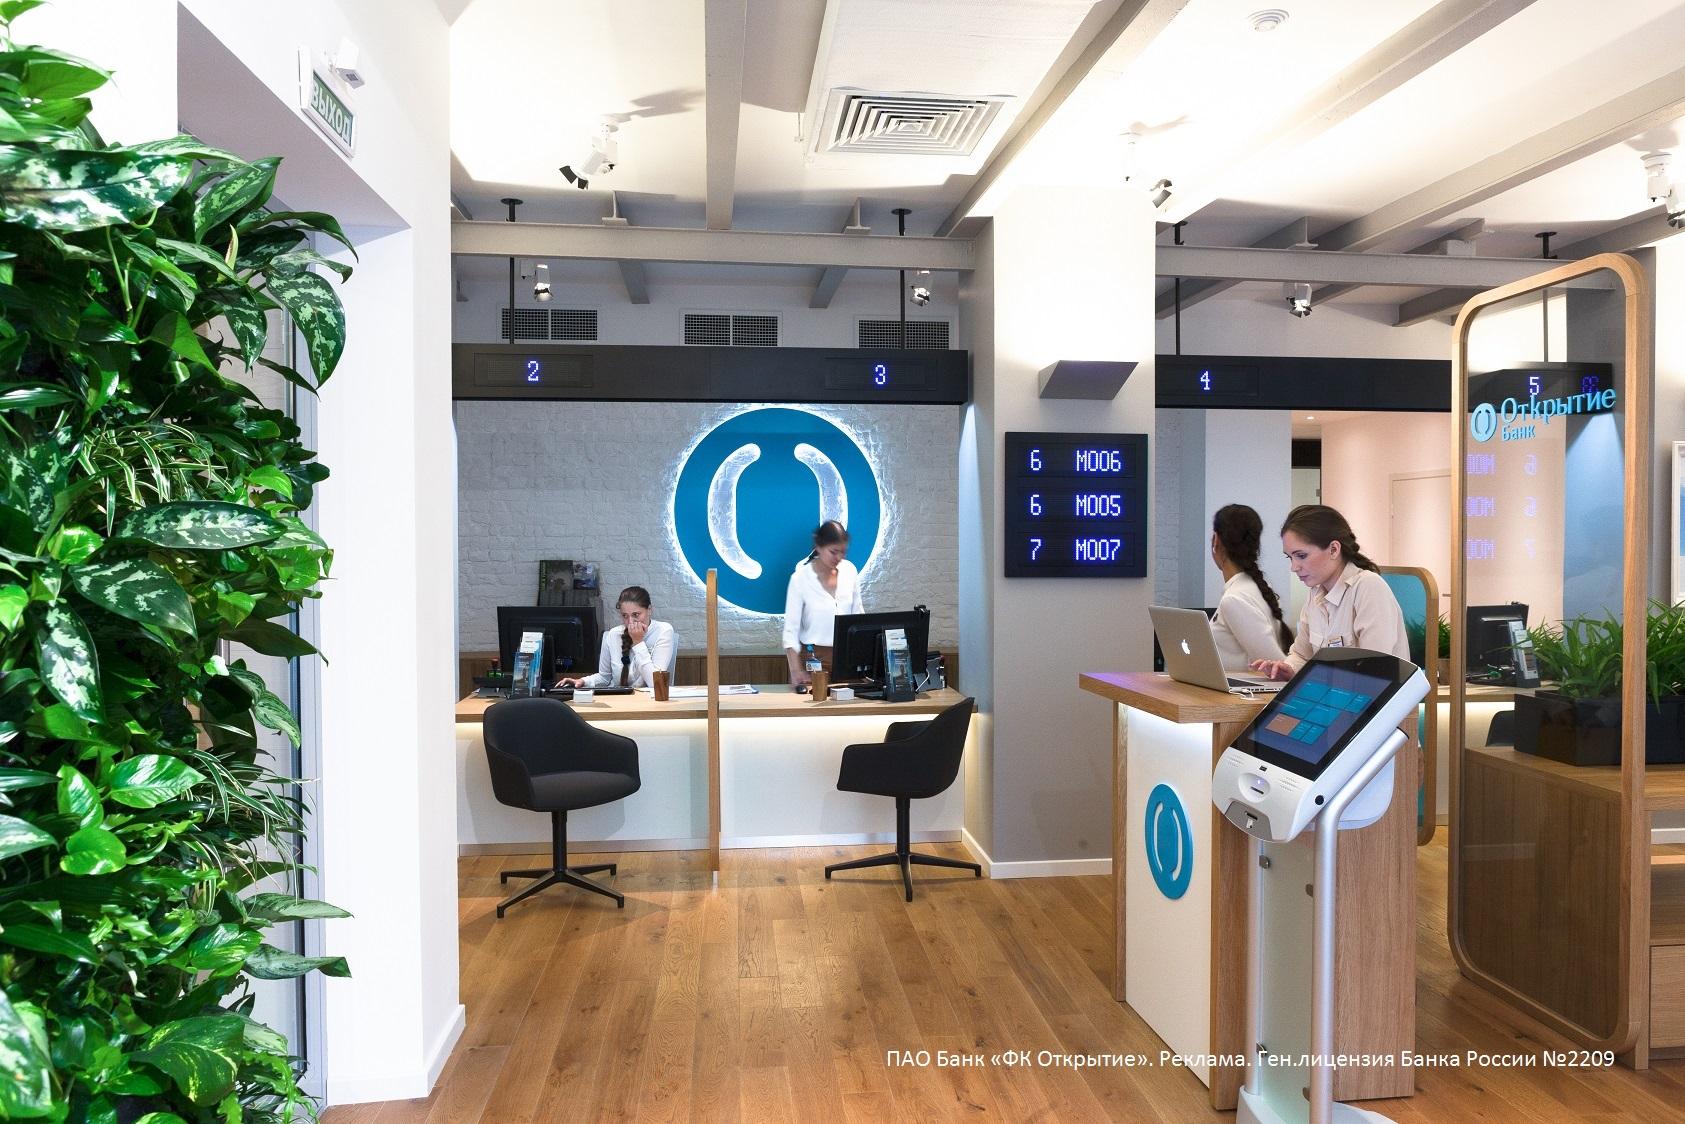 Банк «Открытие» выставил на продажу здание экс-Бинбанка в Екатеринбурге